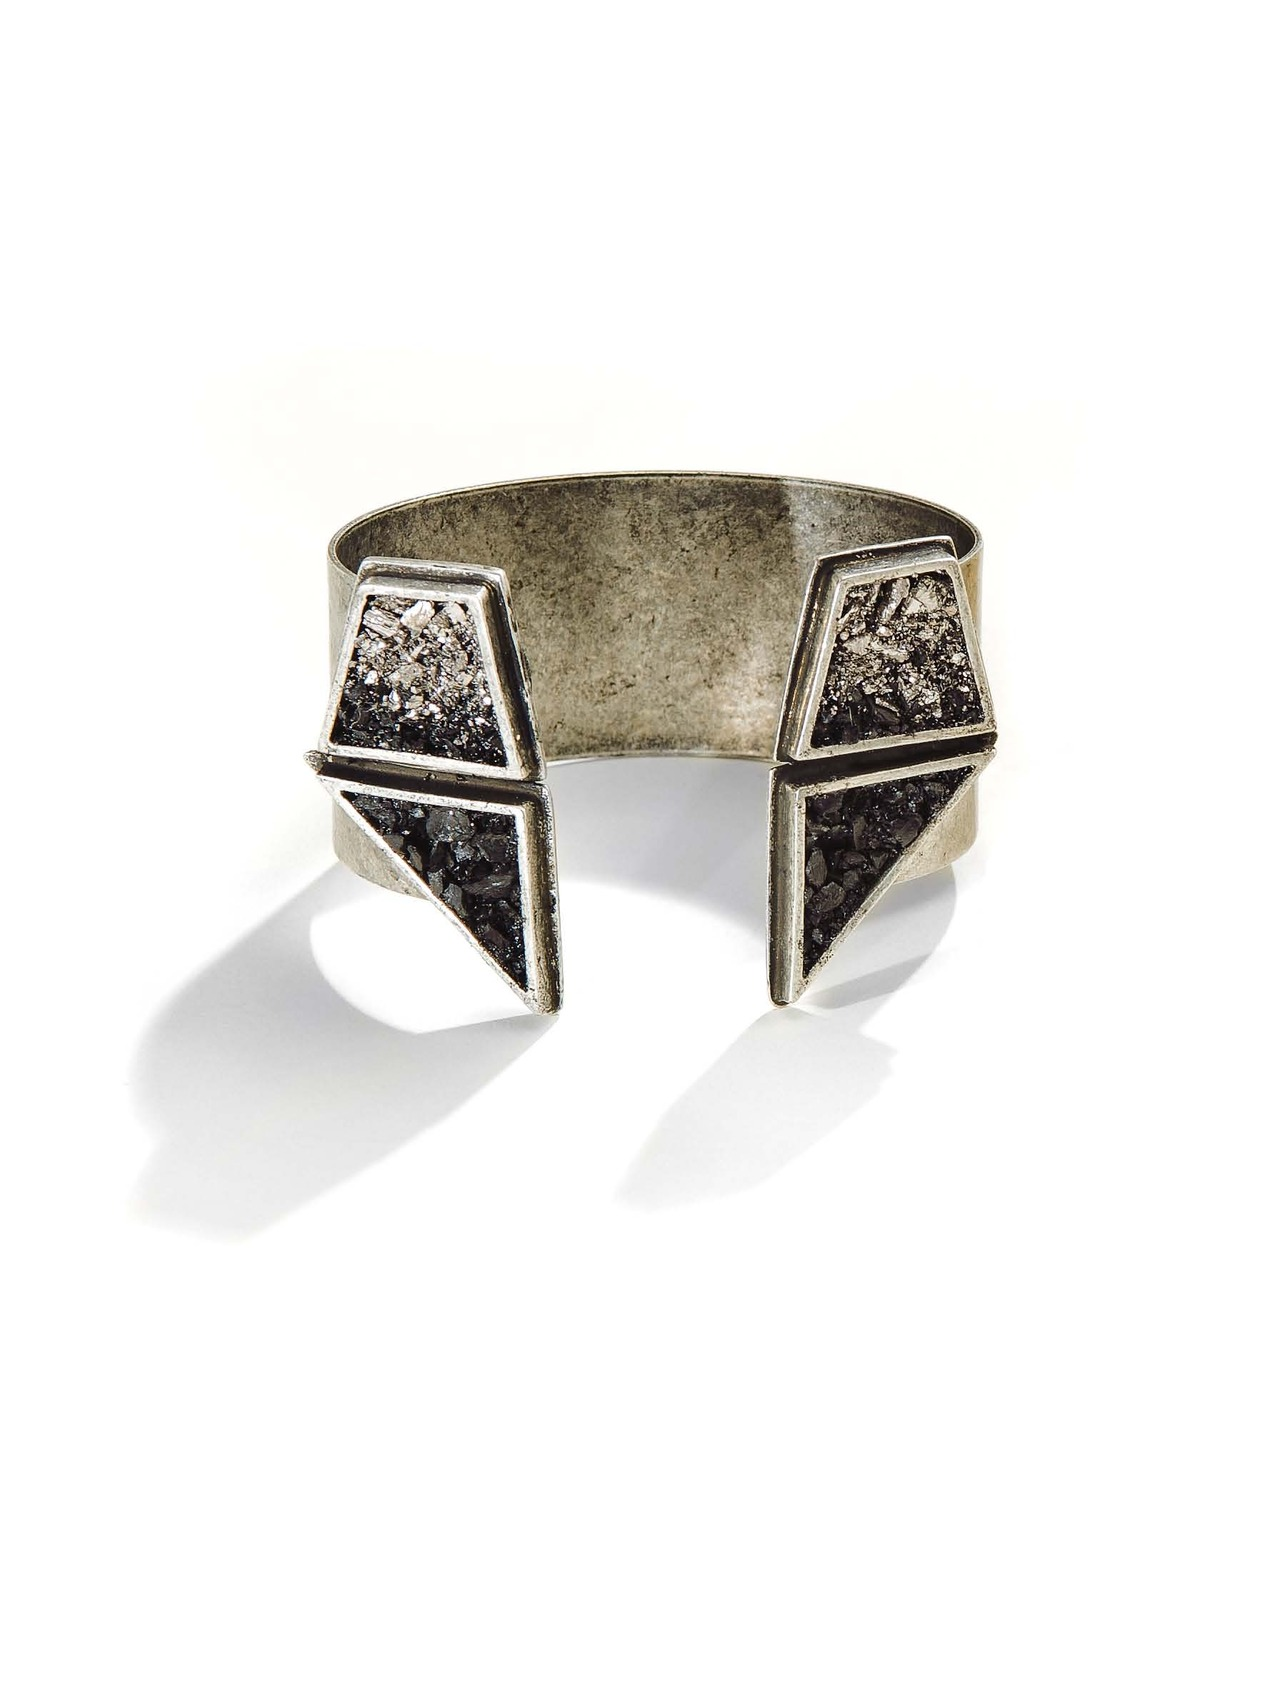 by Lady Grey Jewellery